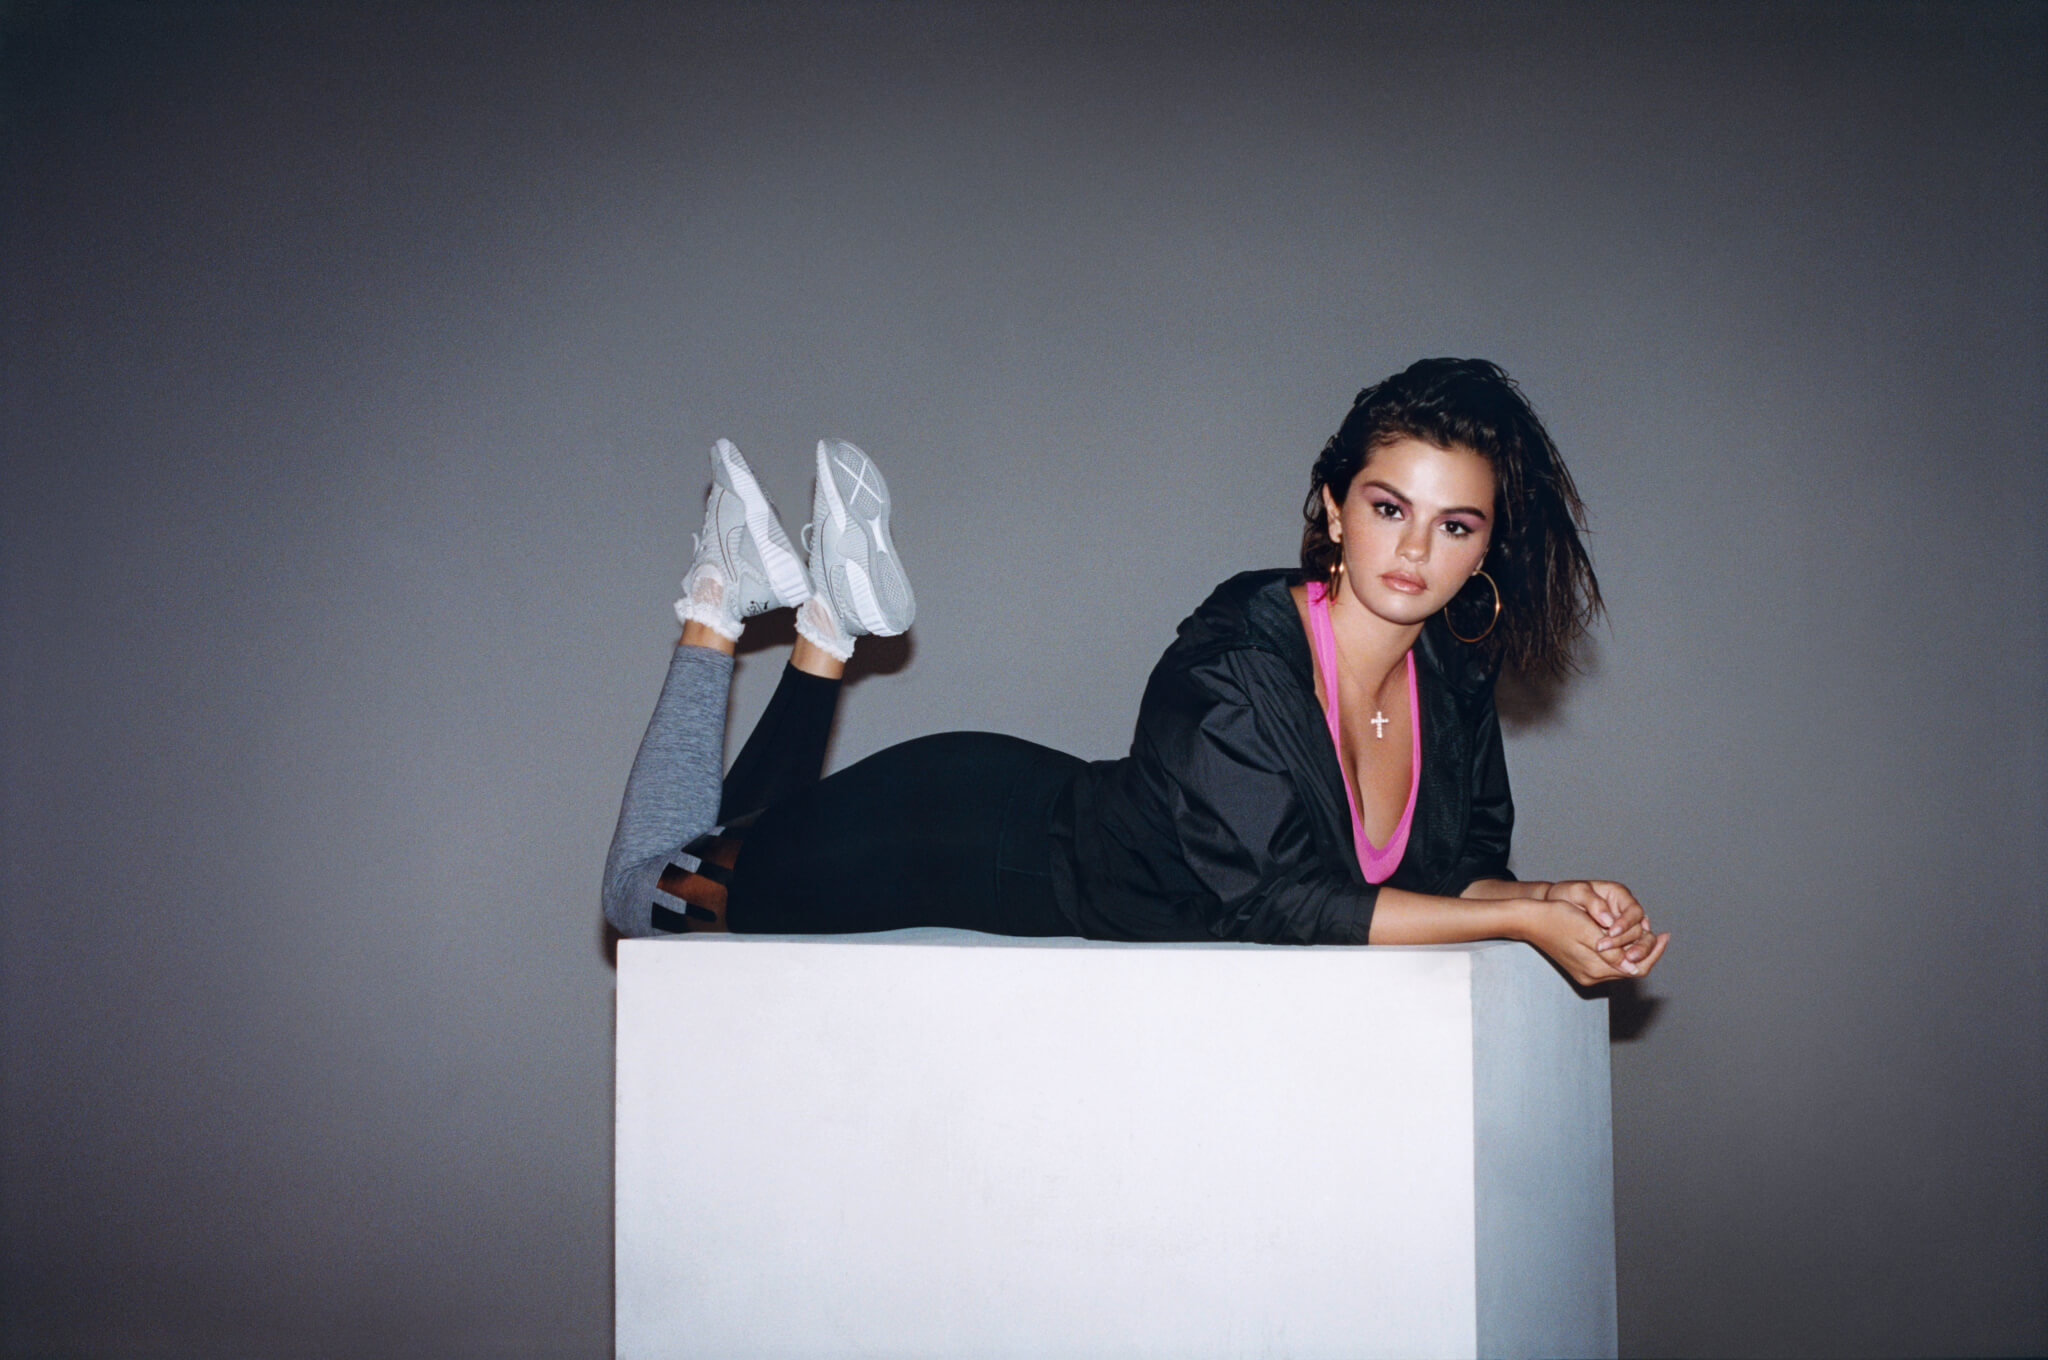 プーマ×セレーナ・ゴメス  初の共同プロデュースモデルとなる「Defy×SG」発表! fashion180916_pume-selenagomez_011